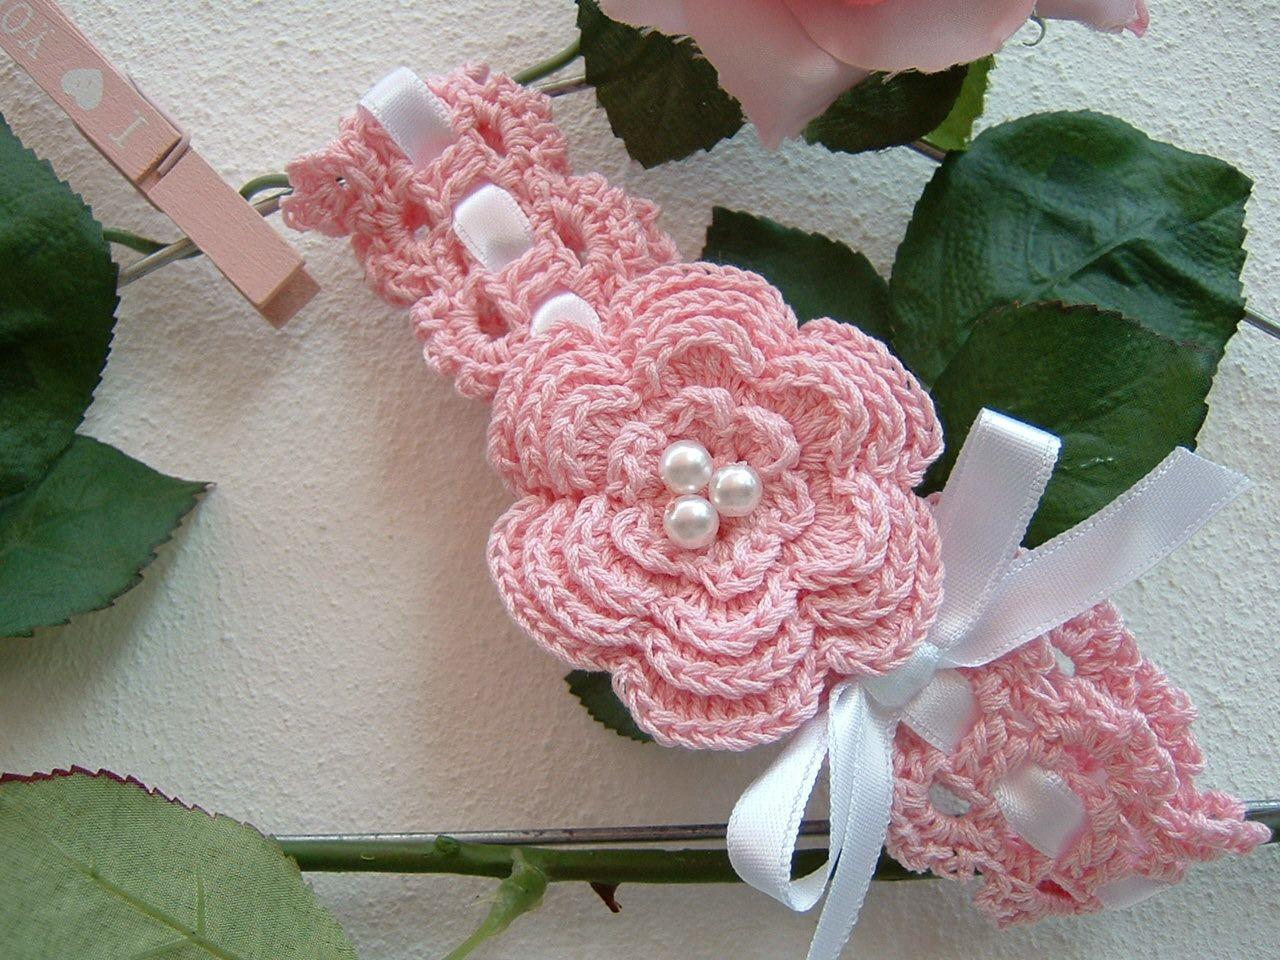 Fascia di cotone rosa da bebè-Fascia per capelli da neonata  all uncinetto-Nastro per capelli da battesimo-Abbigliamento neonate-Moda  bebè   Moda bebè di ... e5905fcafc67